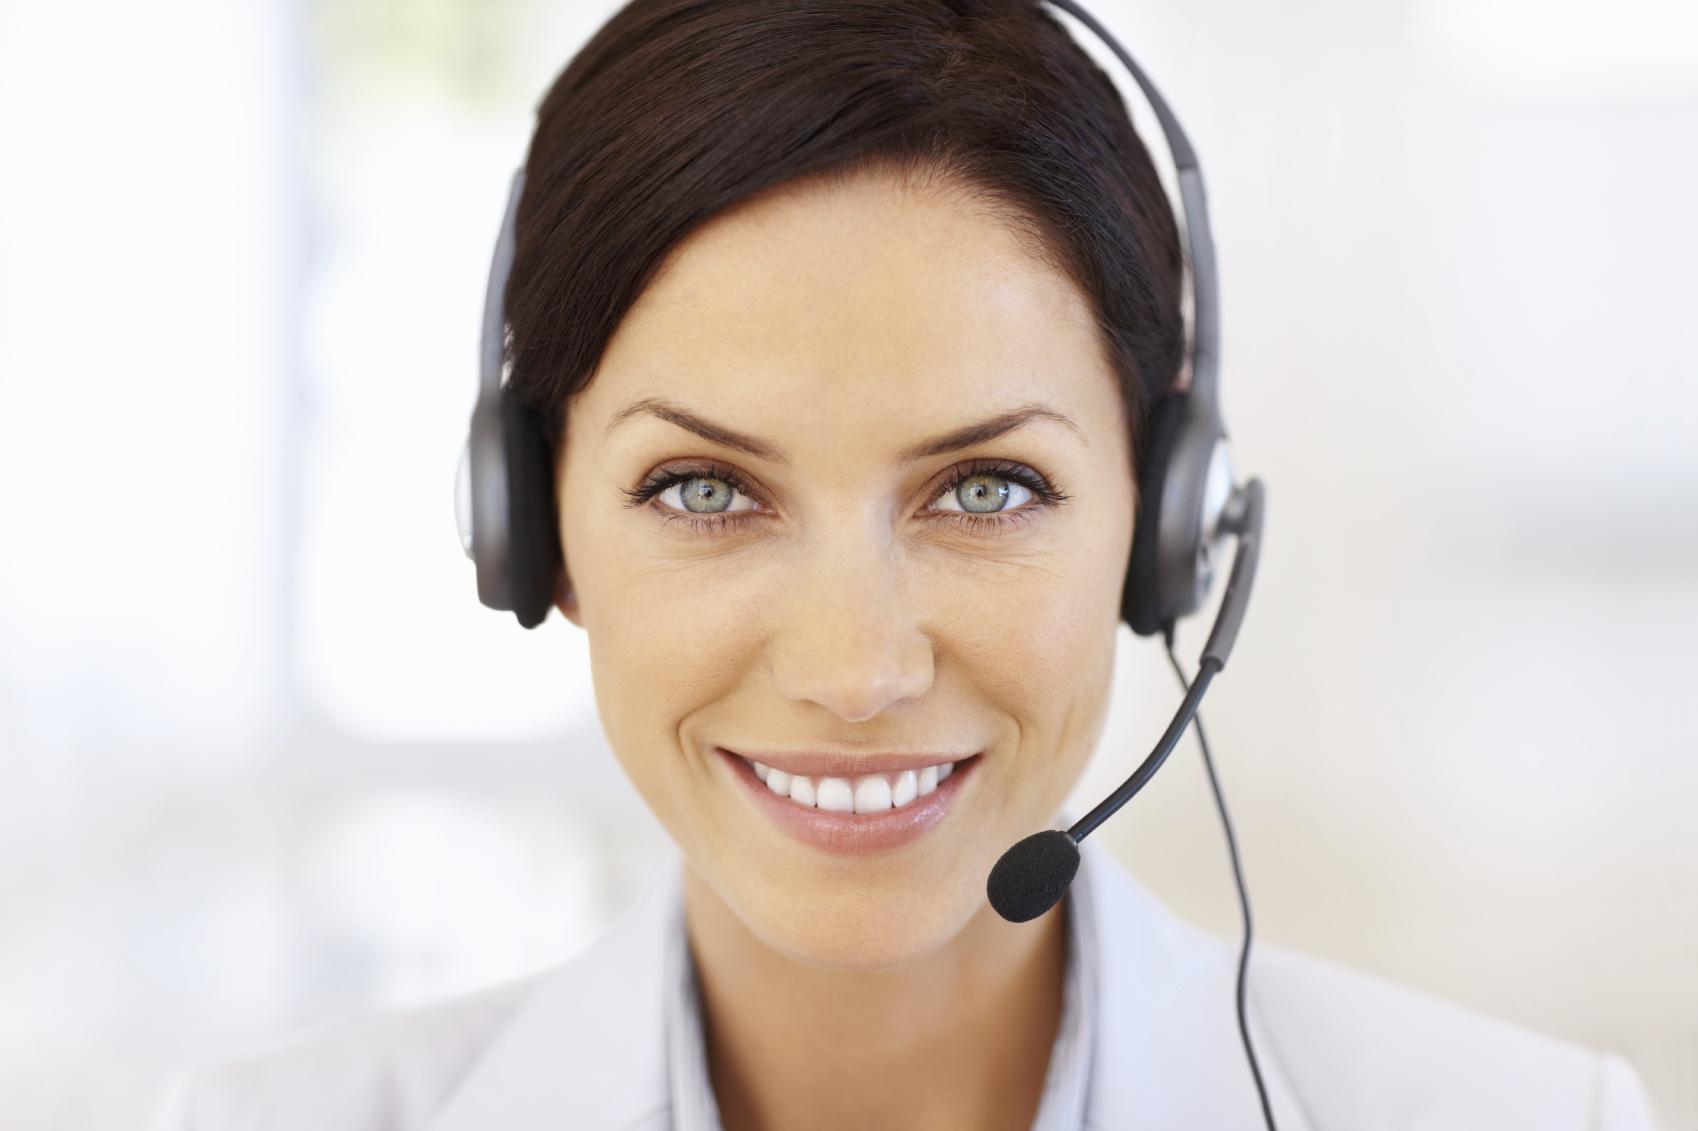 Closeup portrait of attractive customer service representative smiling